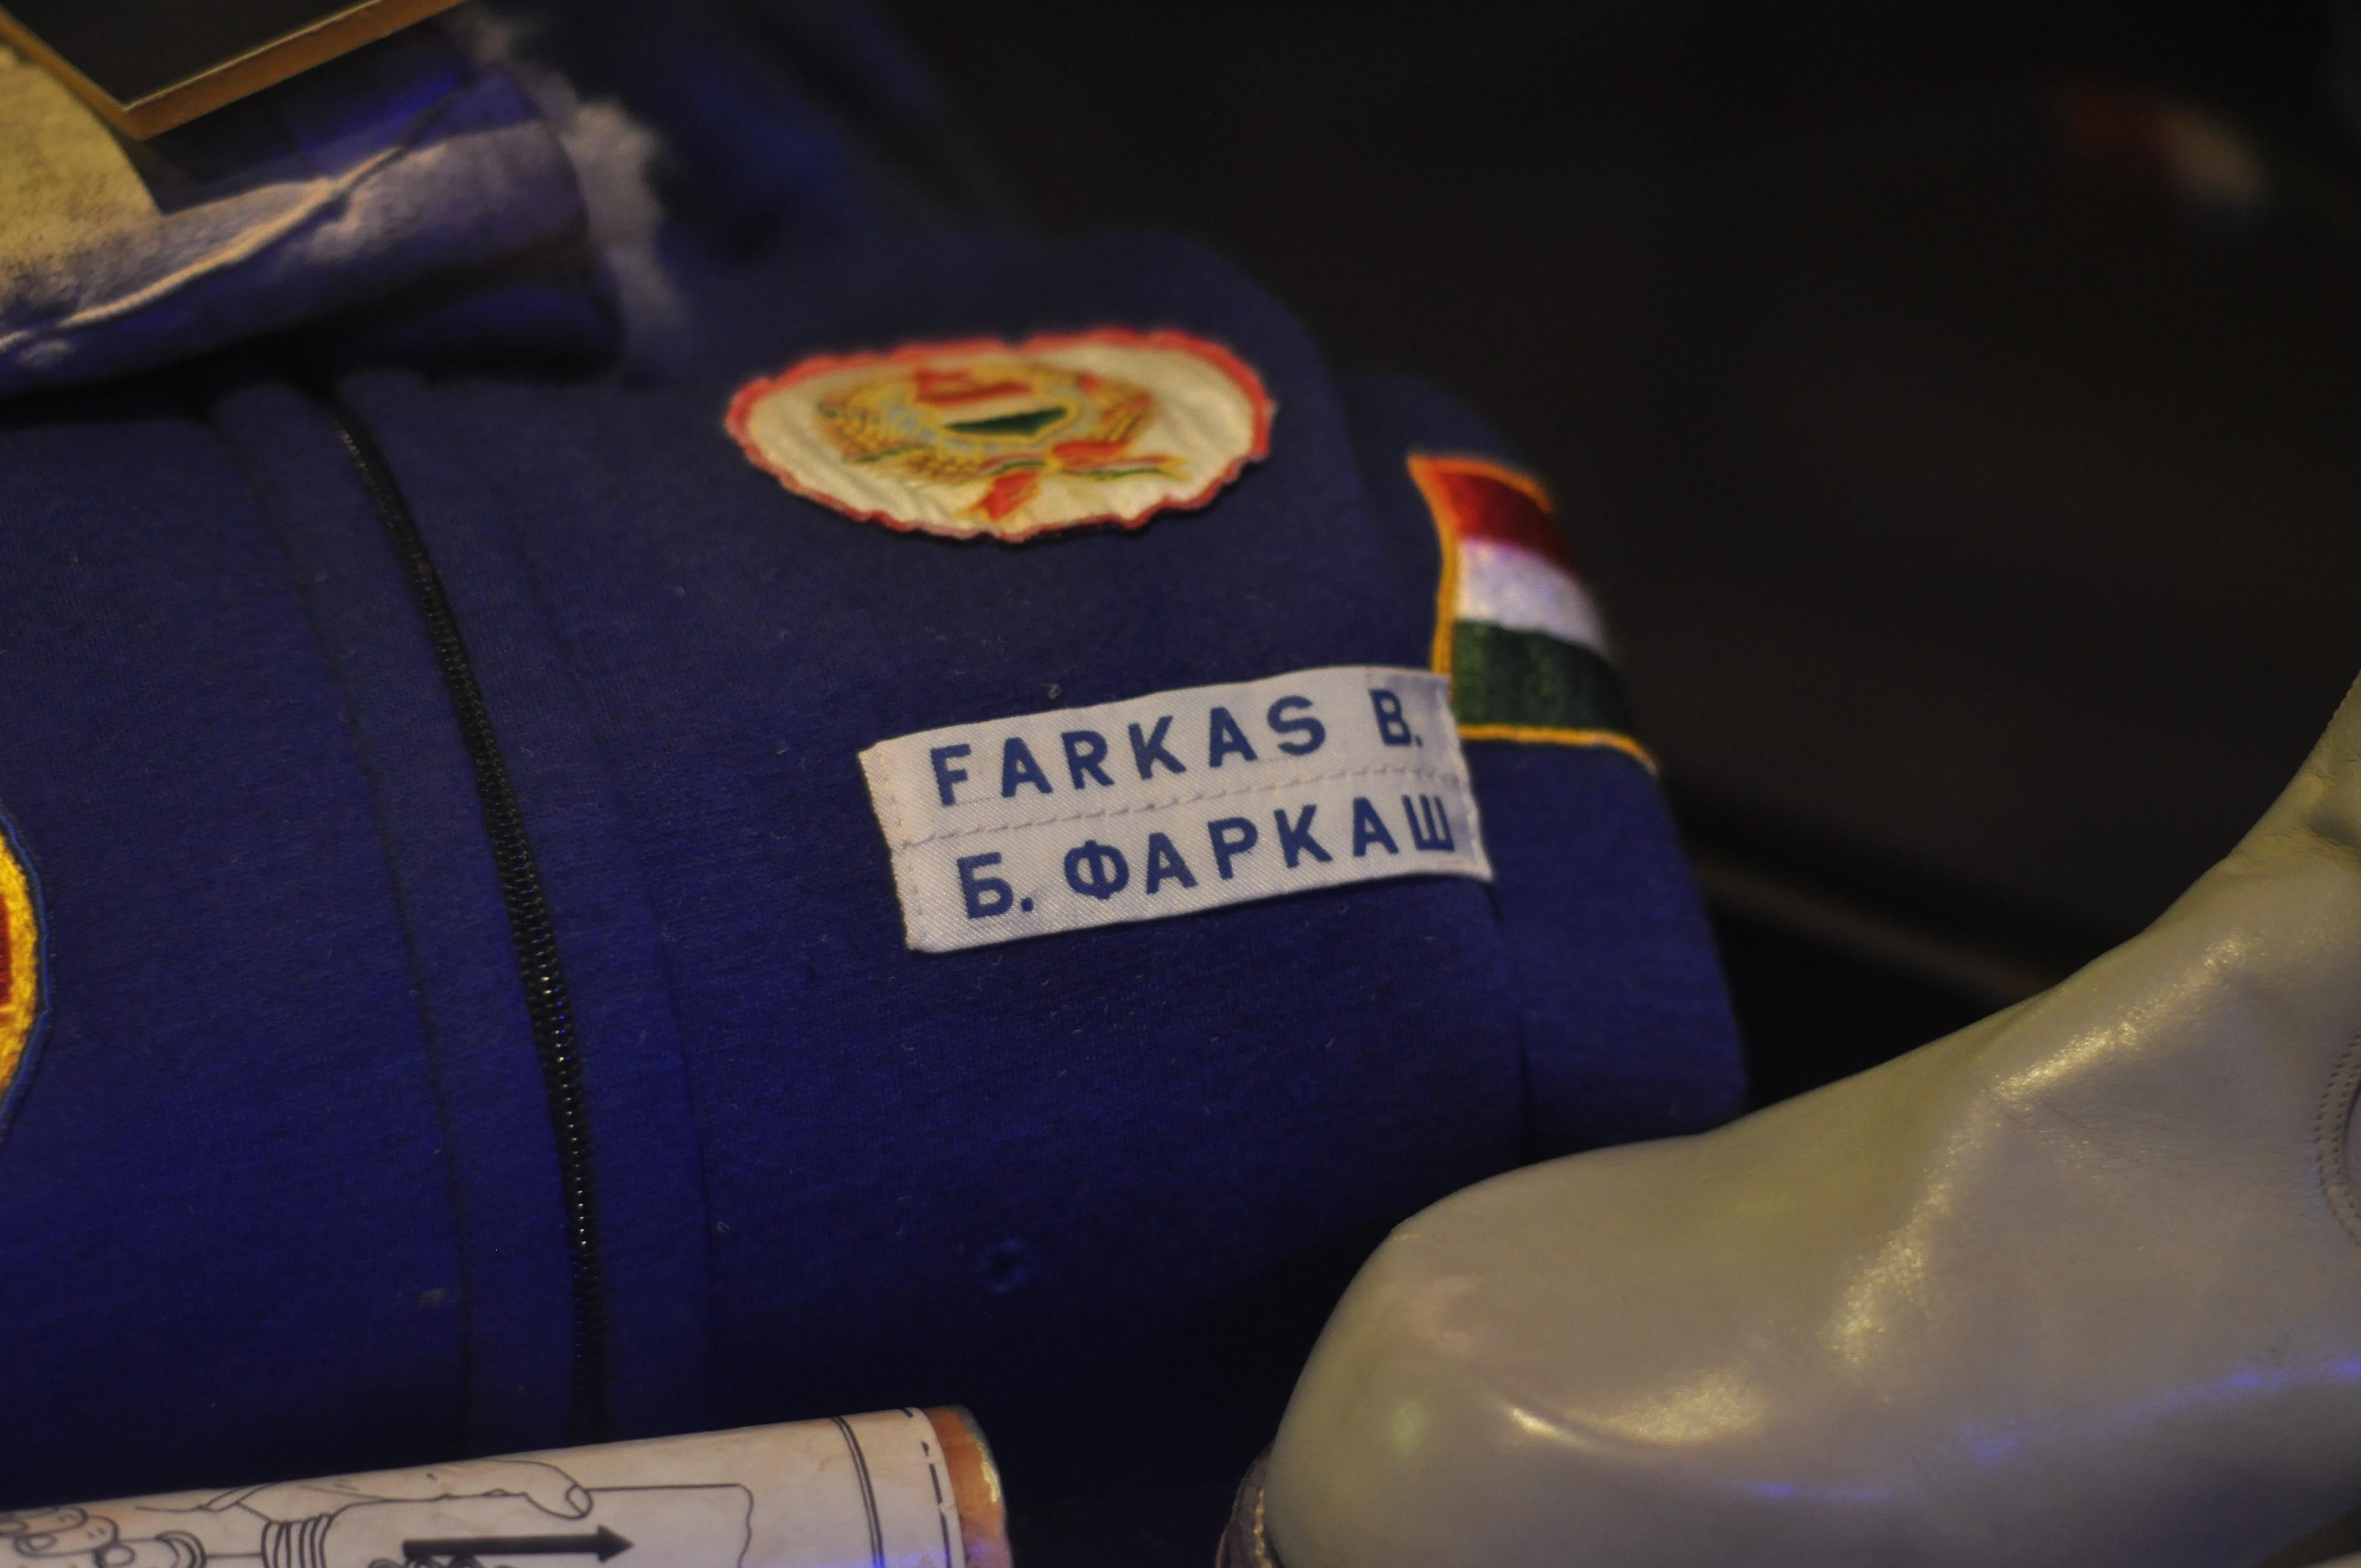 Űrkiállítás: Farkas Bertalan egyenruhája